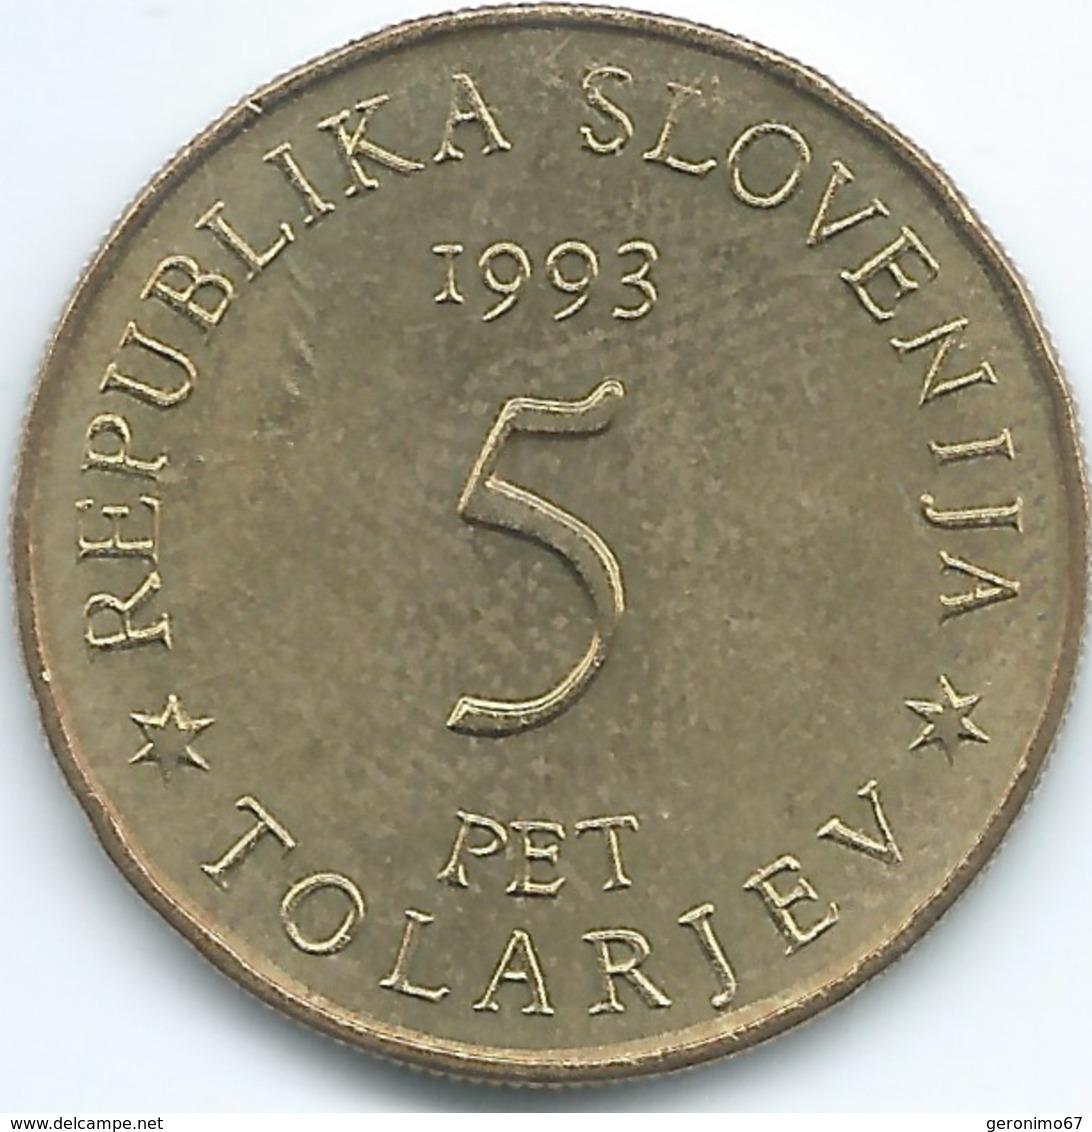 Slovenia - 1993 - 5 Tolarjev - Battle Of Sisek - KM9 - Slovenia